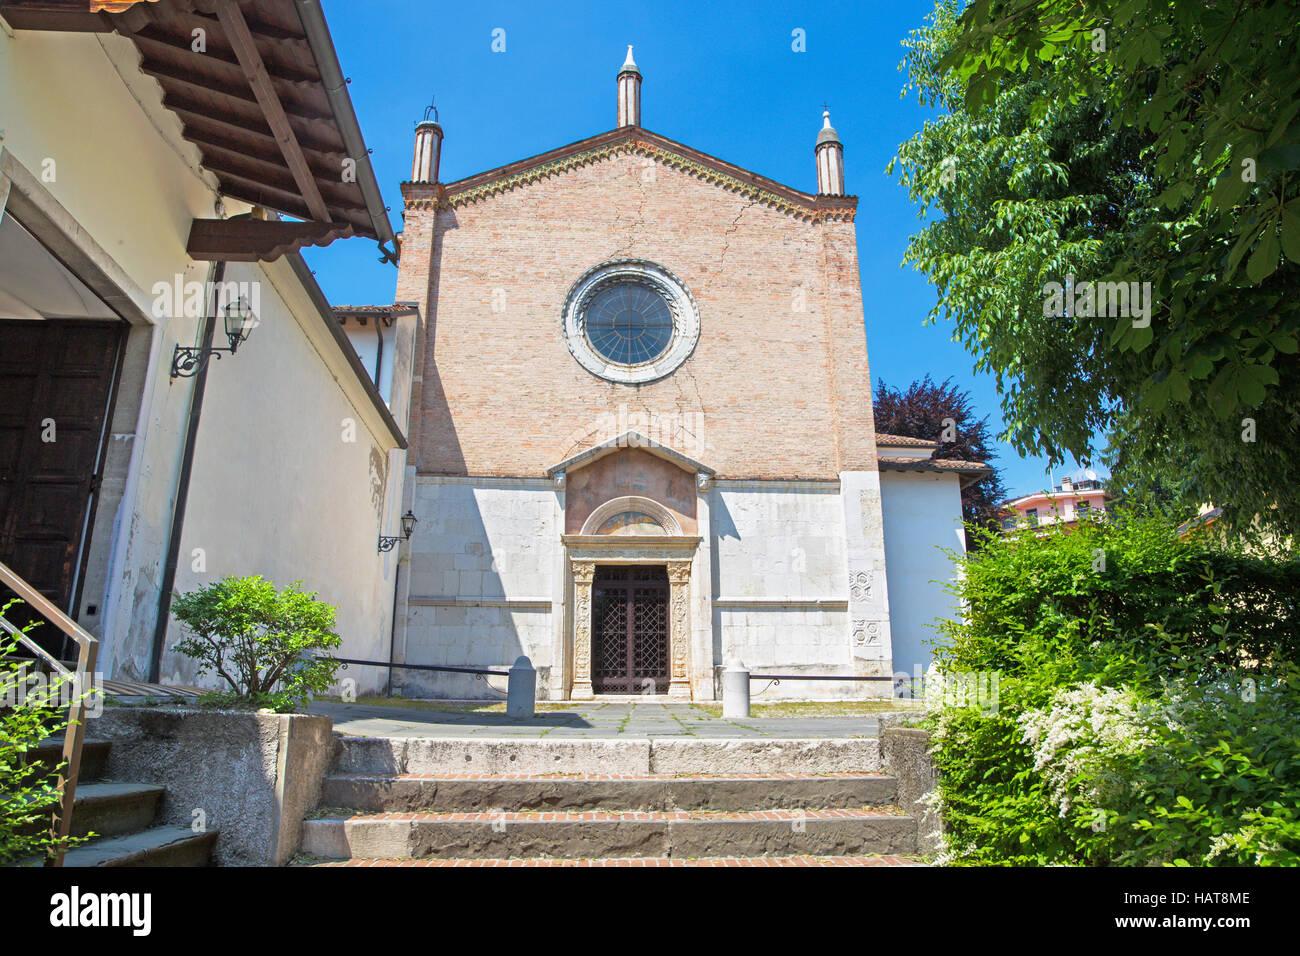 Brescia - La facciata della chiesa del Santissimo Corpo di Cristo . Immagini Stock